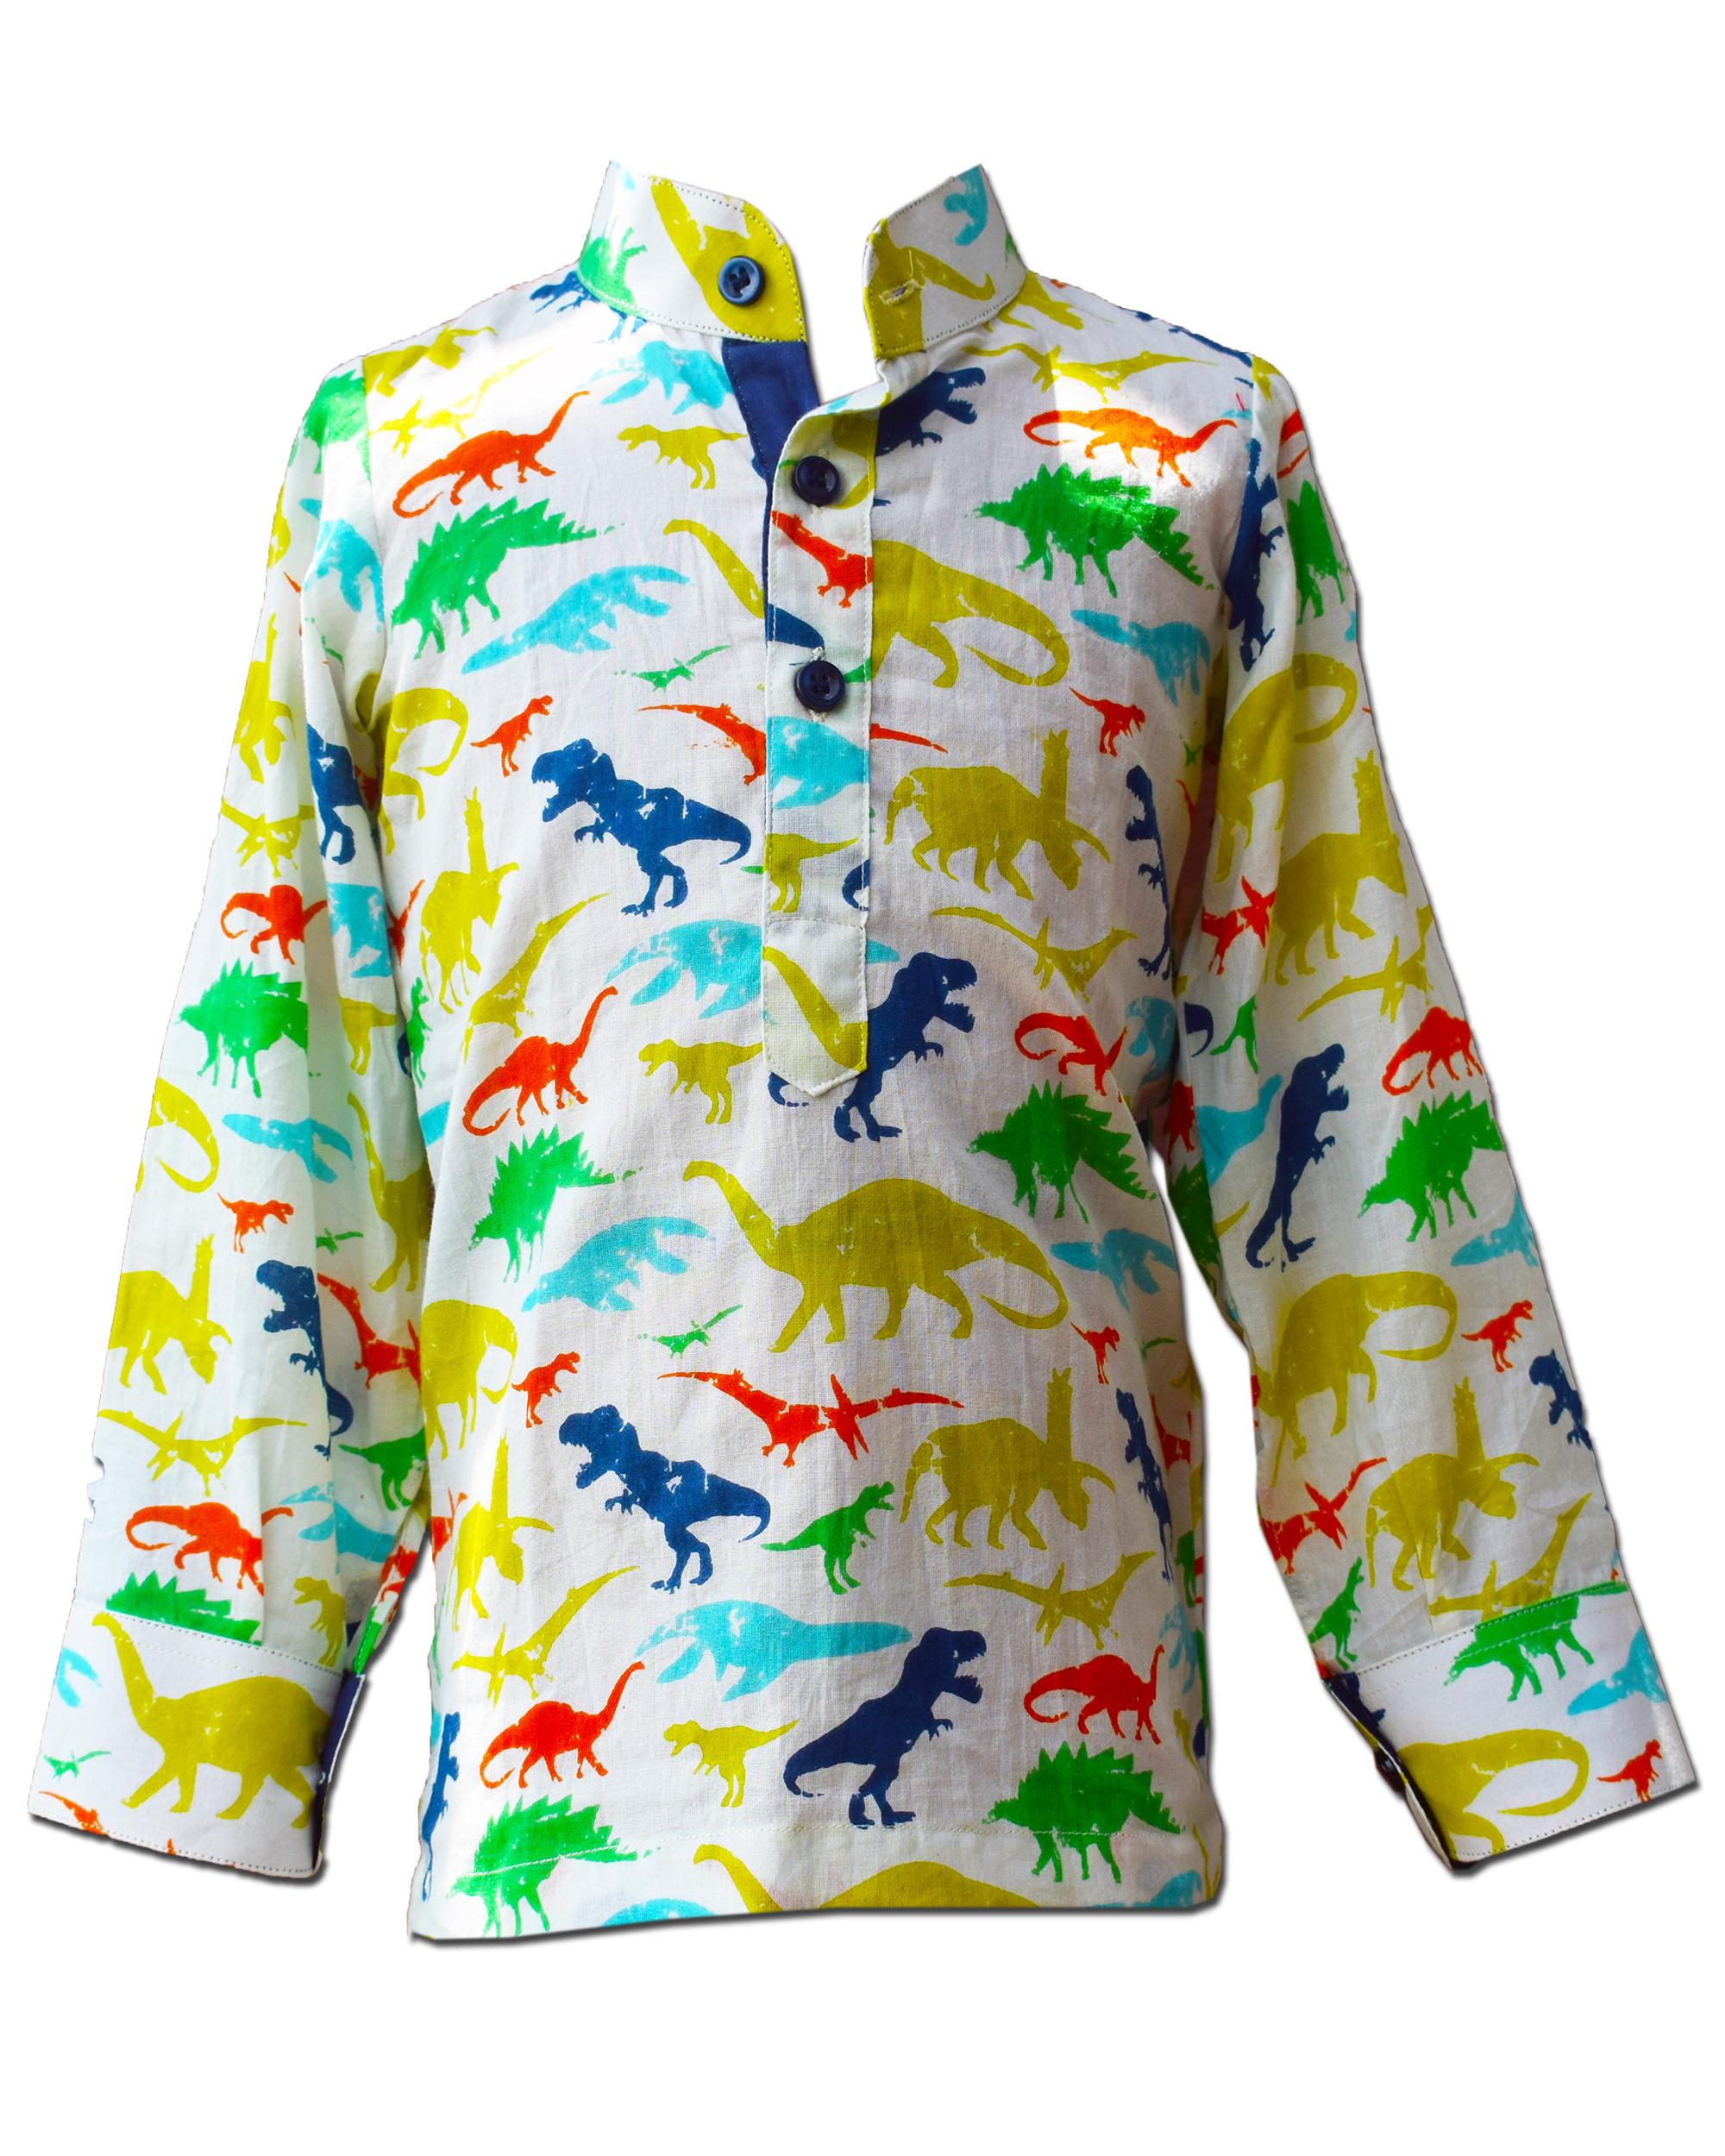 Dinosaur printed mandarin shirt